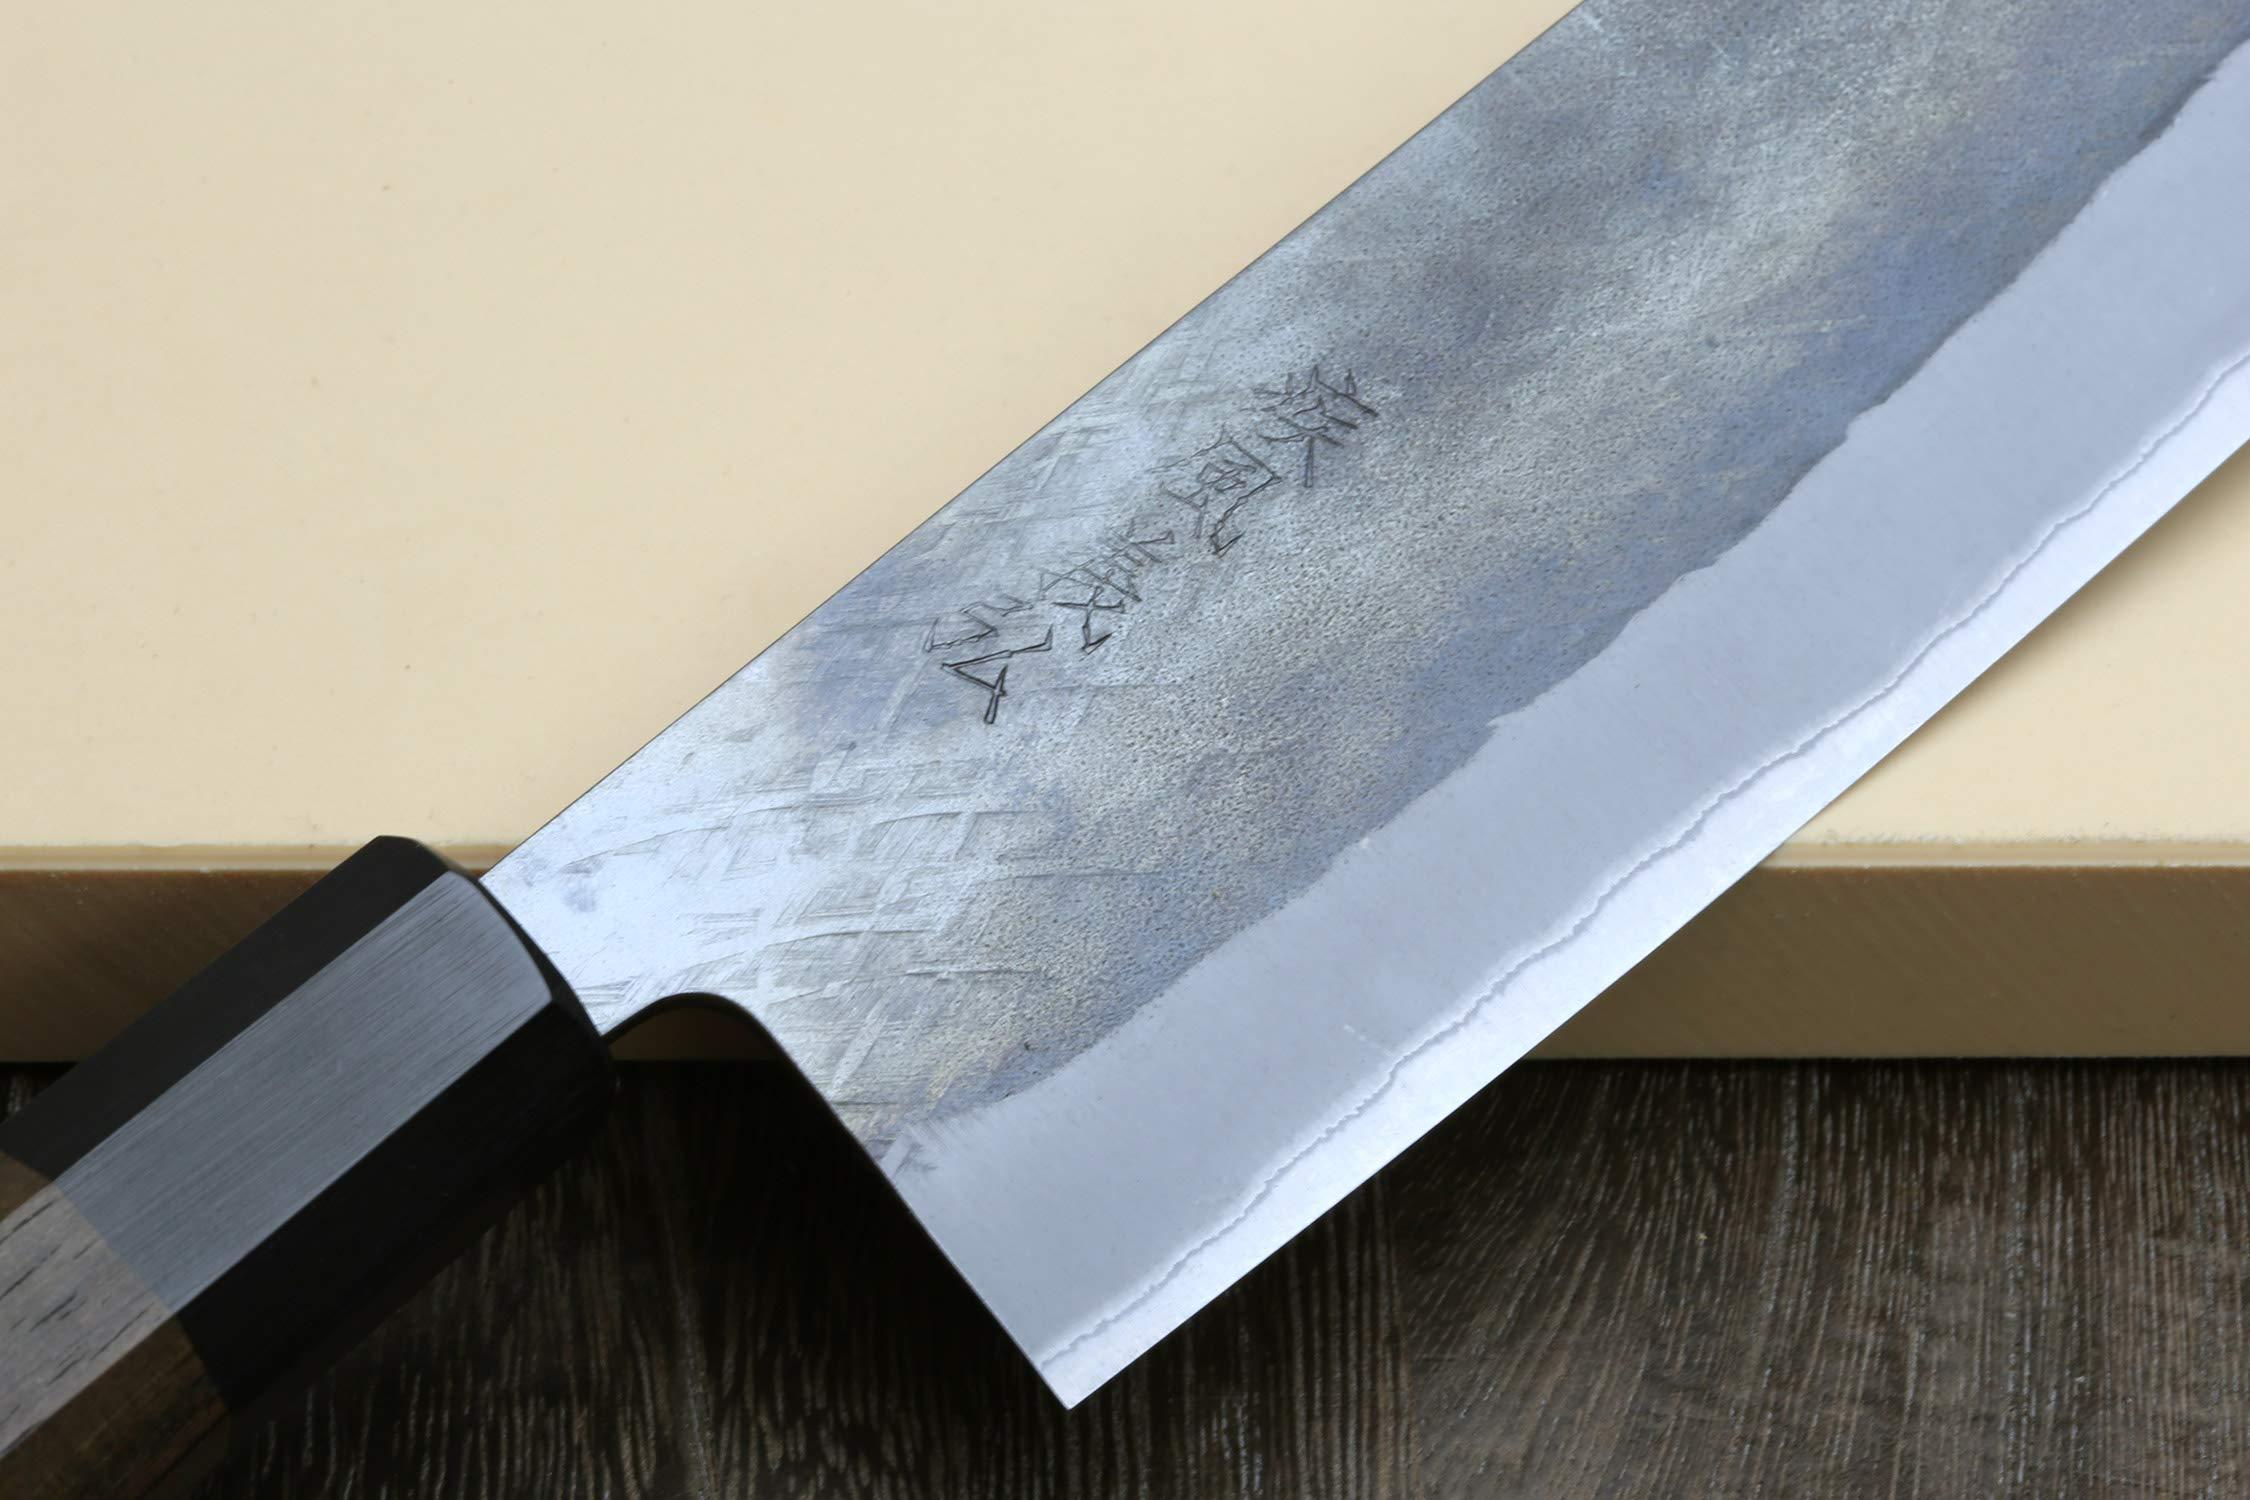 Yoshihiro Kurouchi Black-Forged Blue Steel Stainless Clad Nakiri Japanese Vegetable Knife (6.5'' (165mm) & Saya) by Yoshihiro (Image #4)